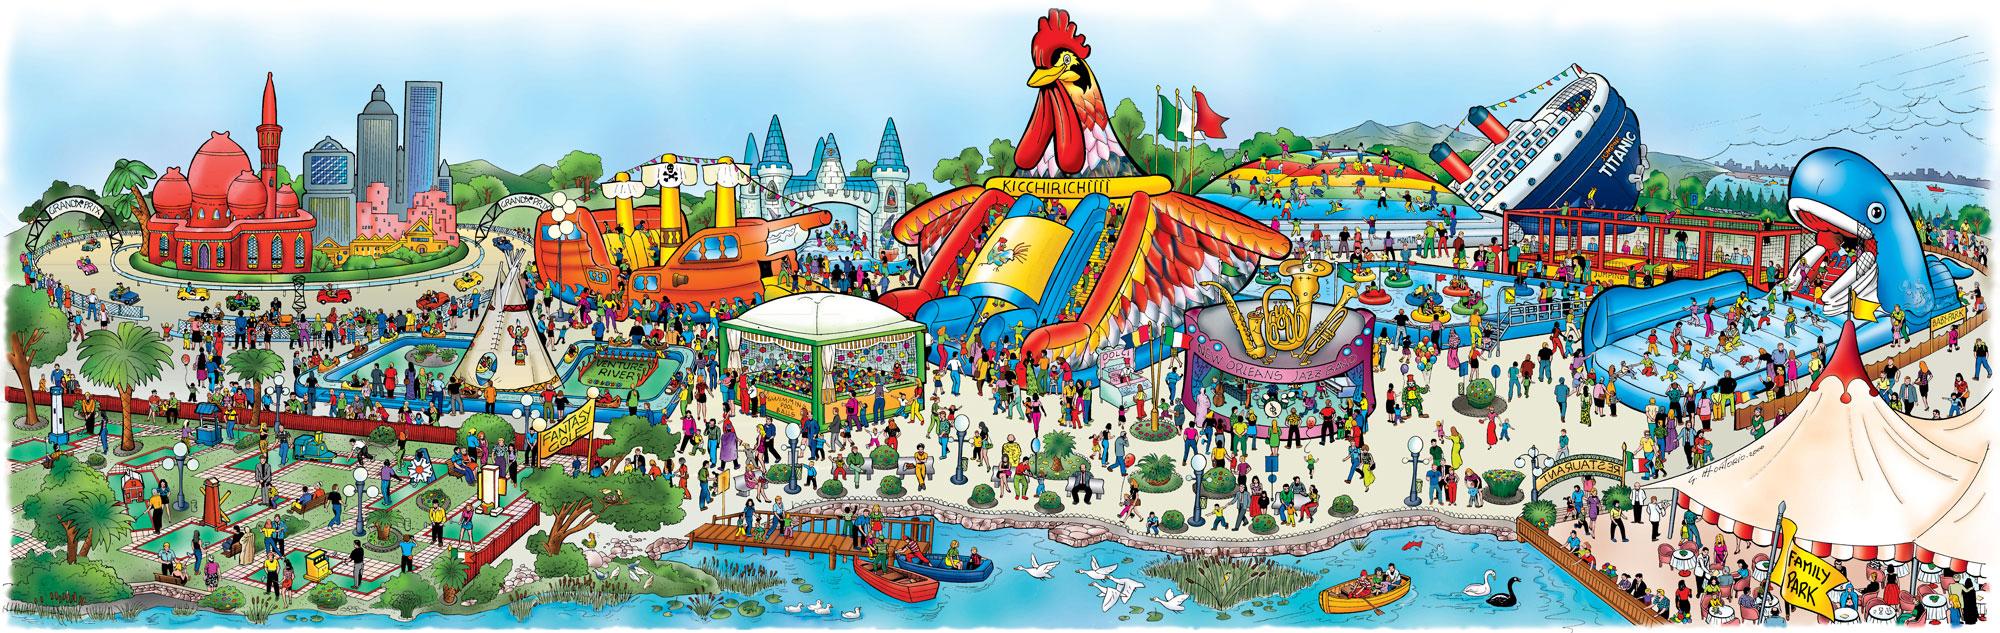 Vendita attrezzature per parchi gioco, luna park, family park, piscine, centri sportivi, ecc